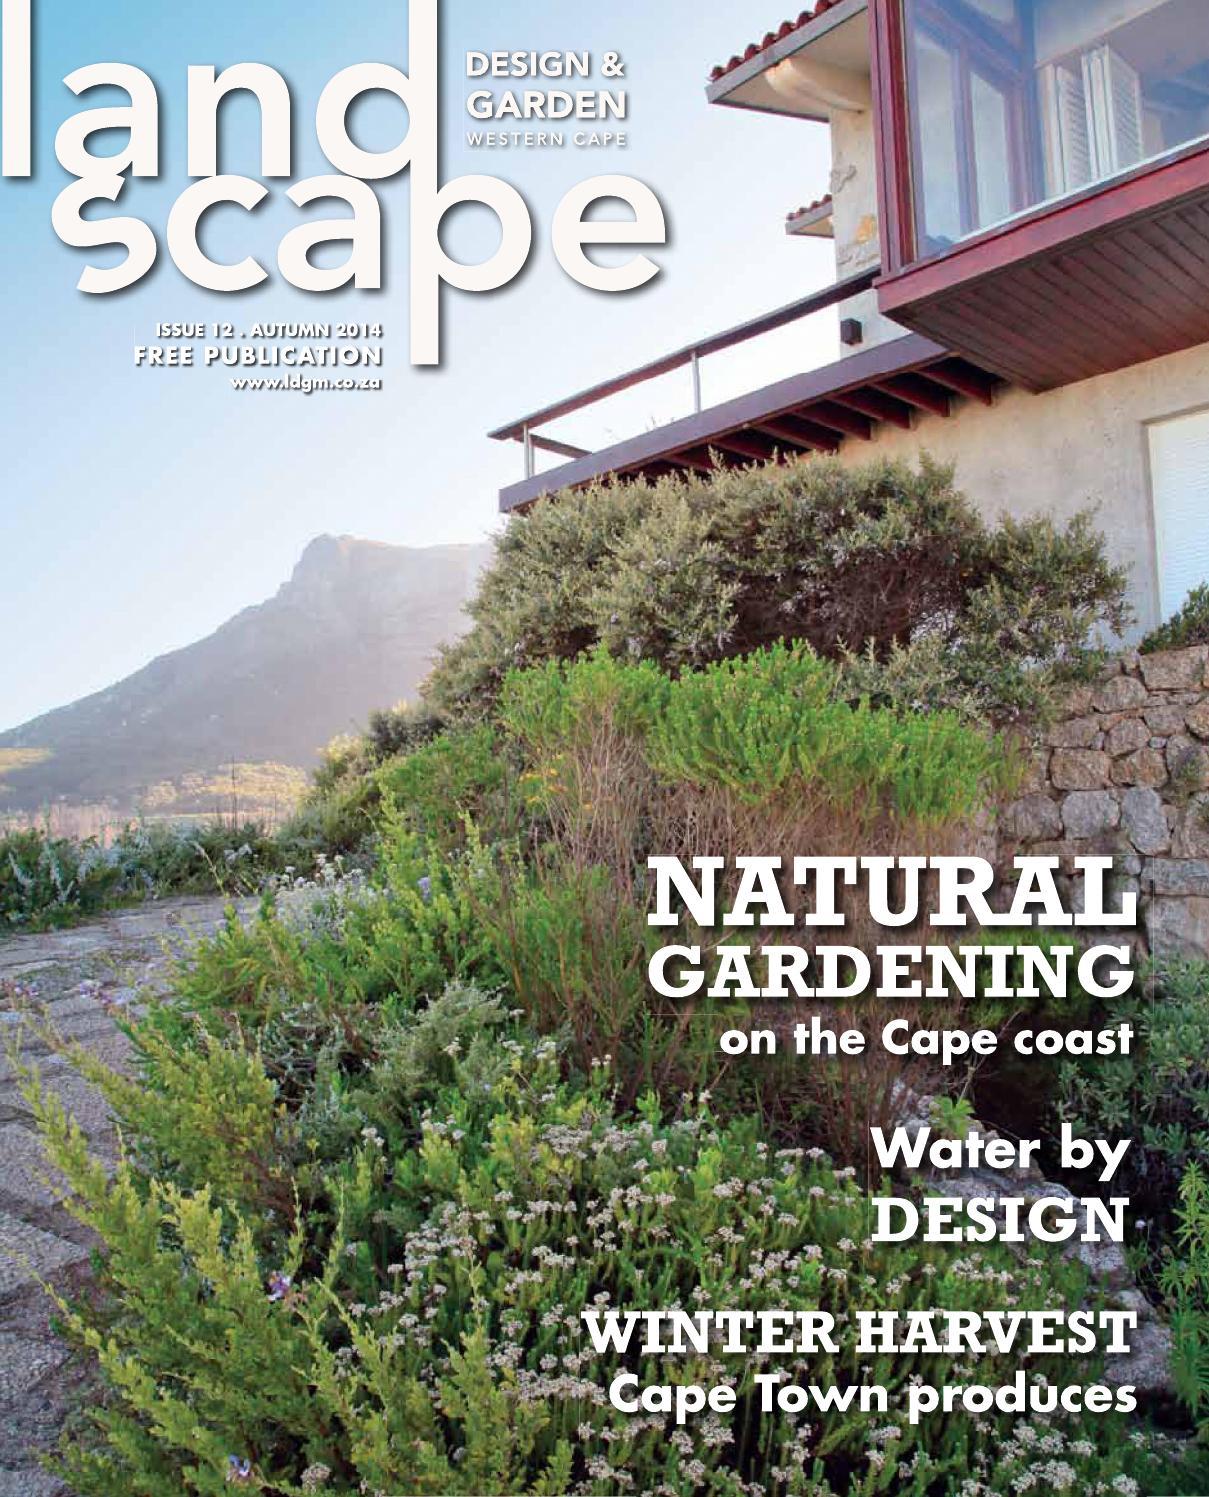 Garden Decor Magazine: Landscape Design & Garden Magazine